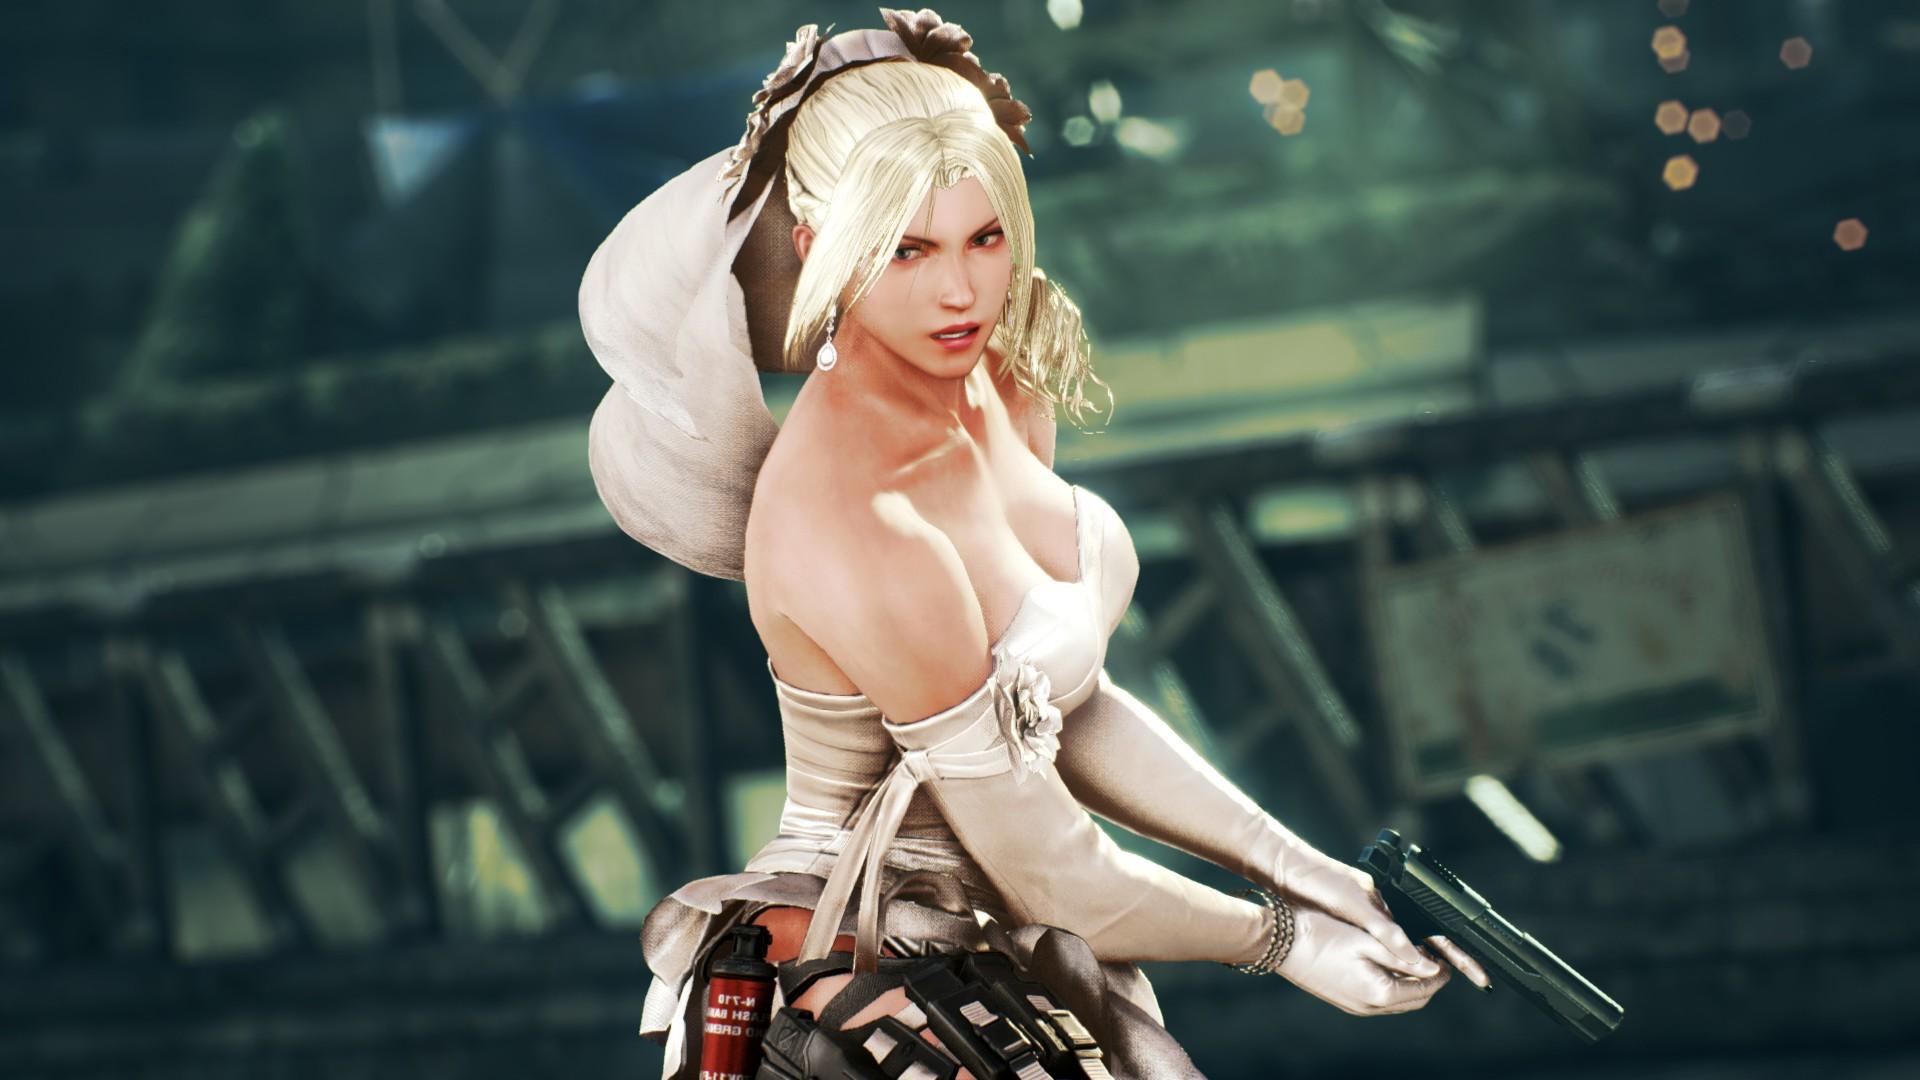 Tekken 7 Costumes New Outfits Tekken 7